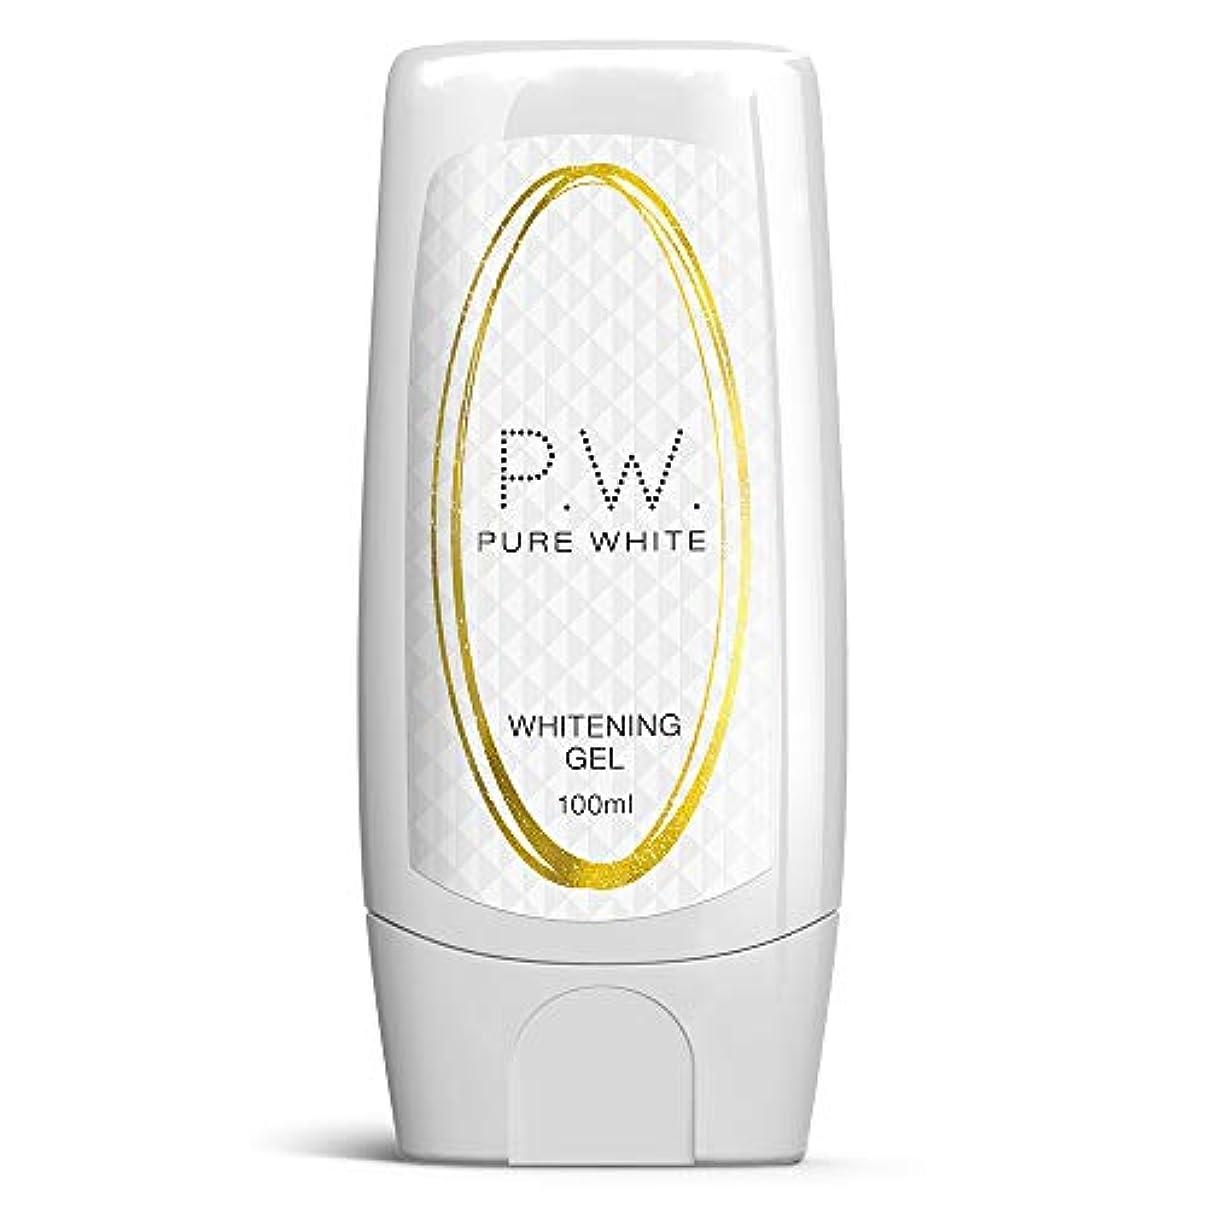 裕福なコカインセンチメンタルPure White Whitening Gel ピュアホワイトホワイトニングジェルの美白は、肝斑PATCHES MAXの強度を停止します Pyuahowaitohowaitoningujeru no bihaku wa...